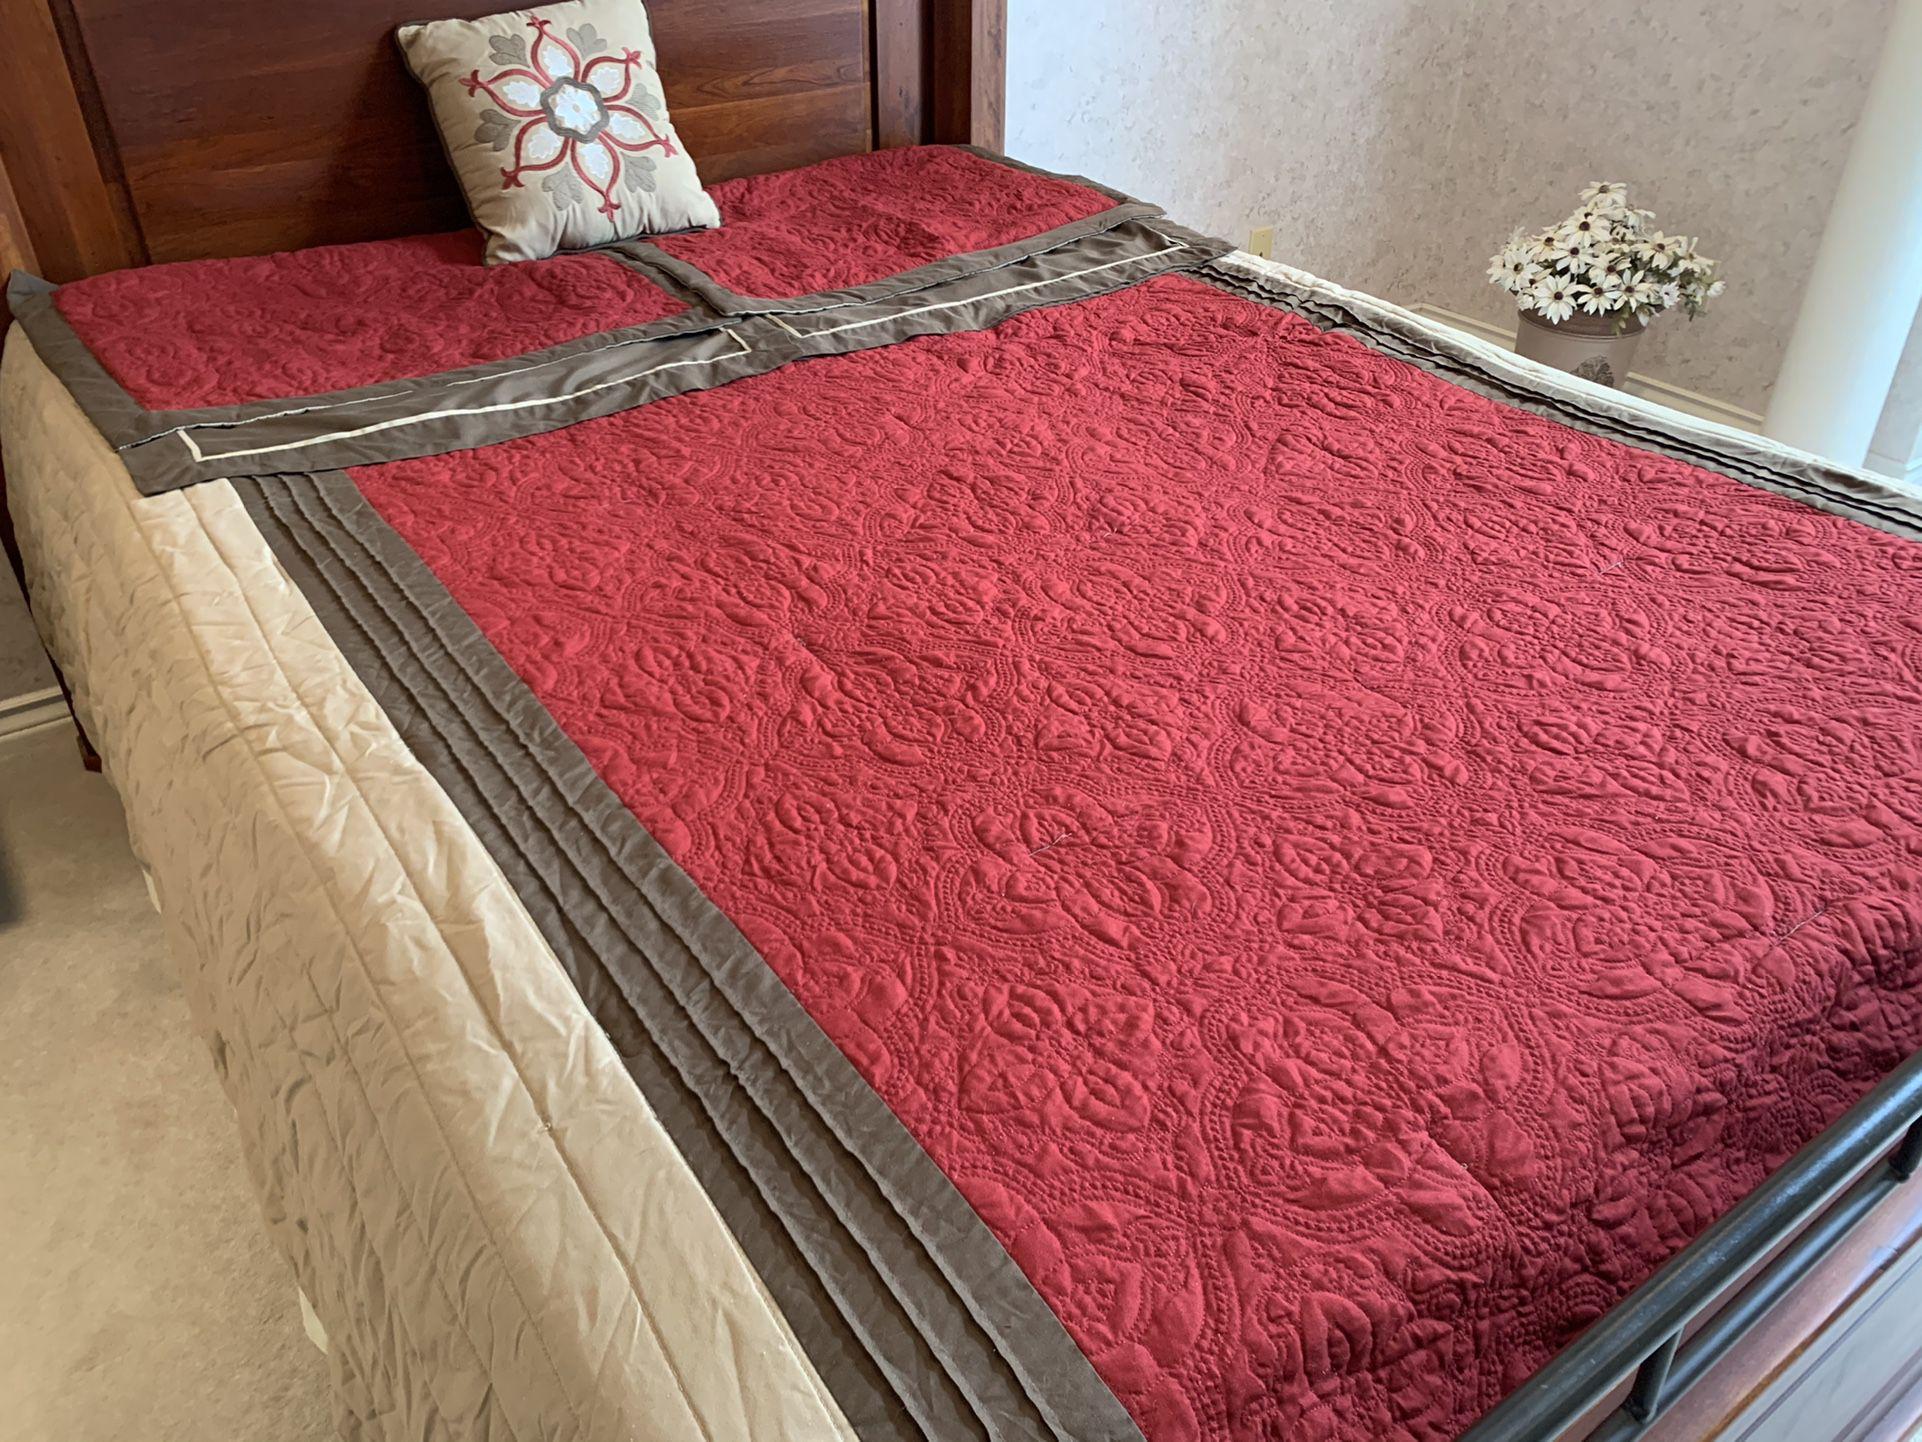 8 Piece Comforter Set/Queen Size